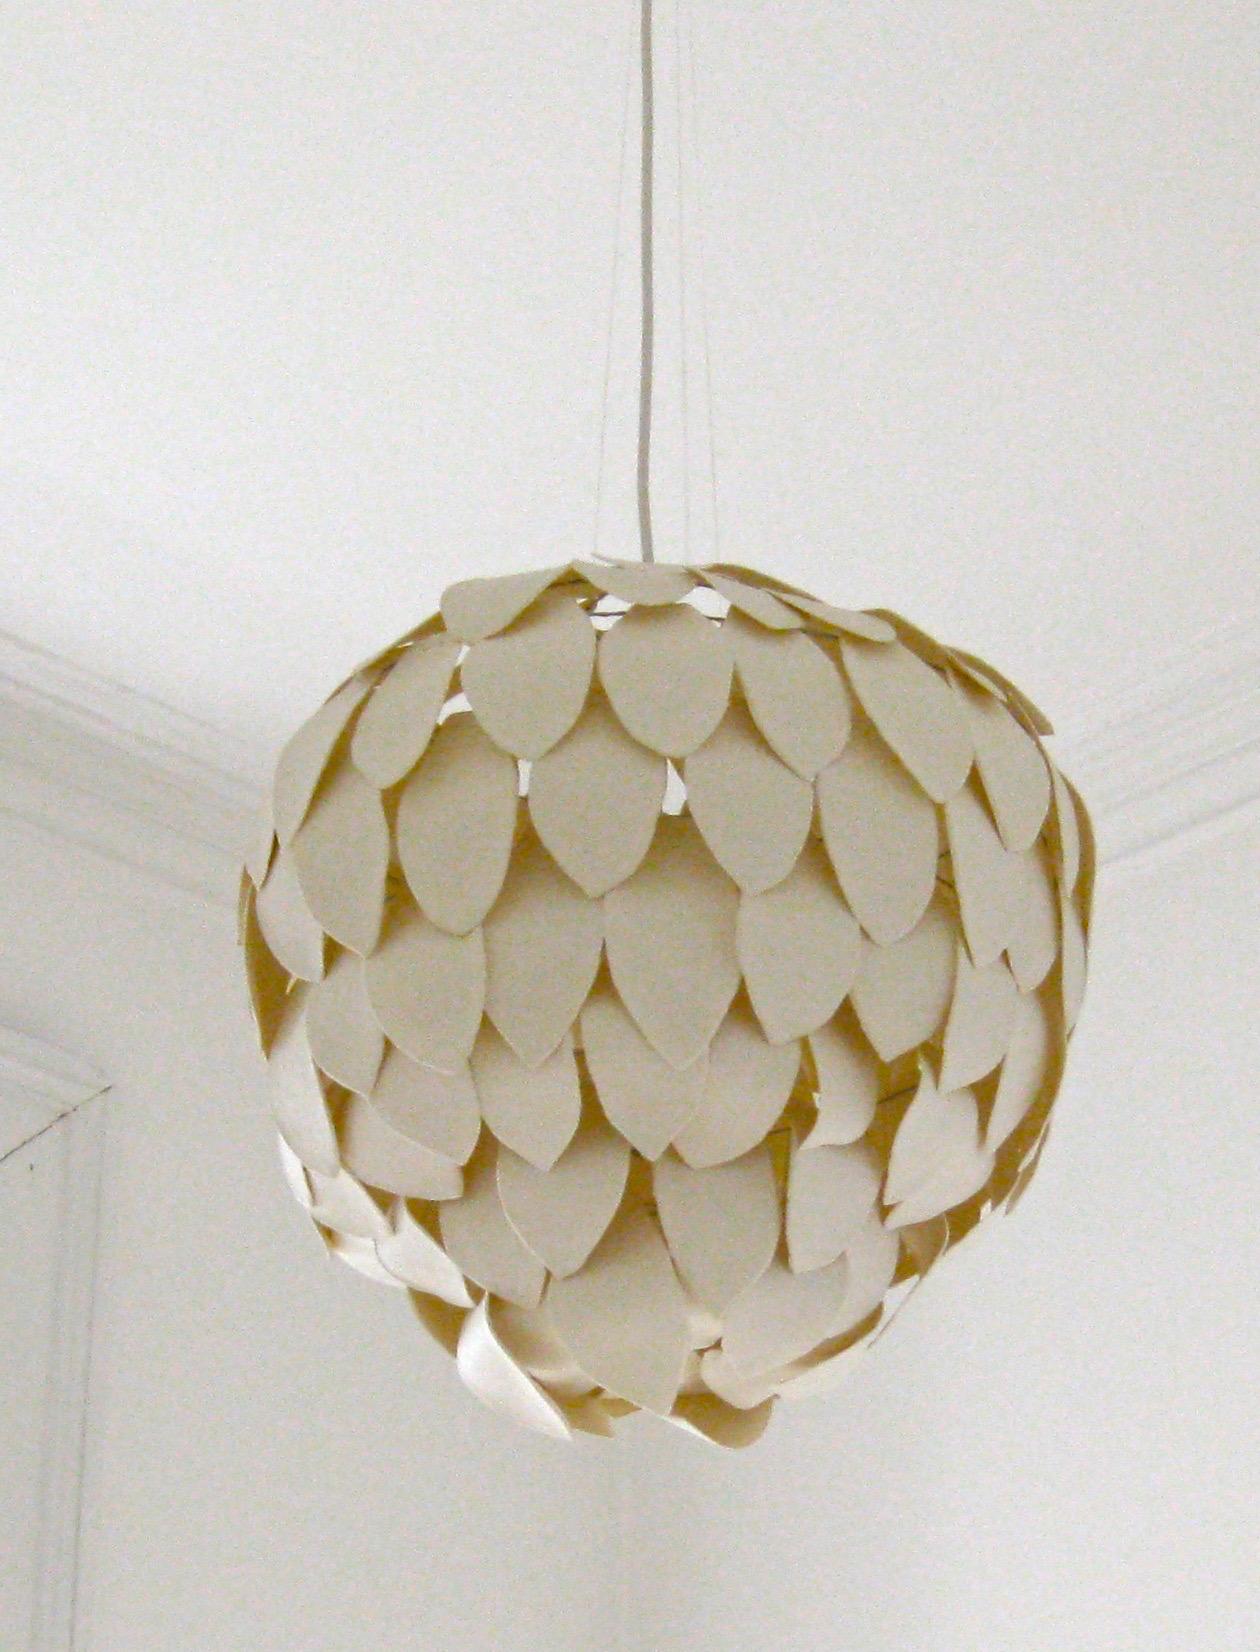 Large chandelier composed of porcelain petals